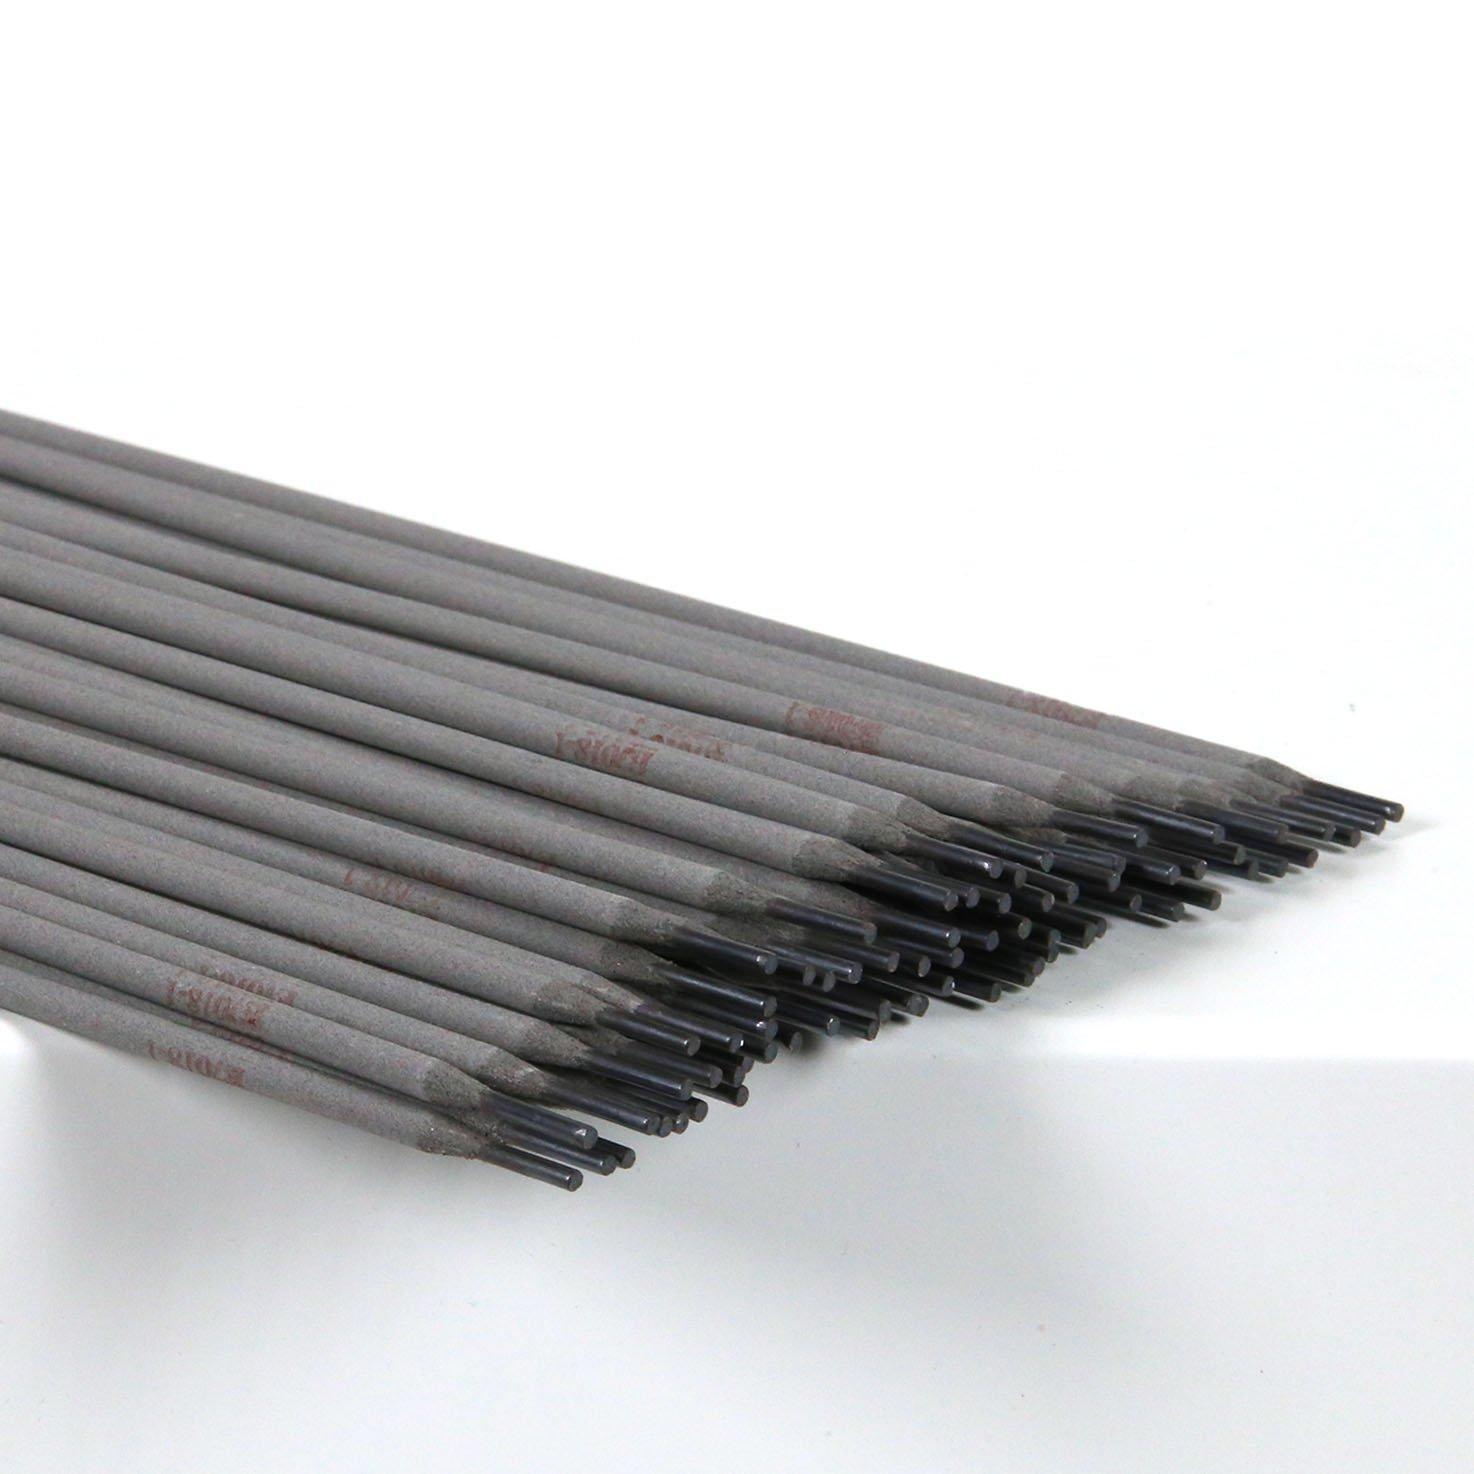 Telwin - Paquete básicos acero AWS A5.1: E7018, Ø 2,5 x 350 mm, 2,5 kg, 1 Pack da 119 unidades